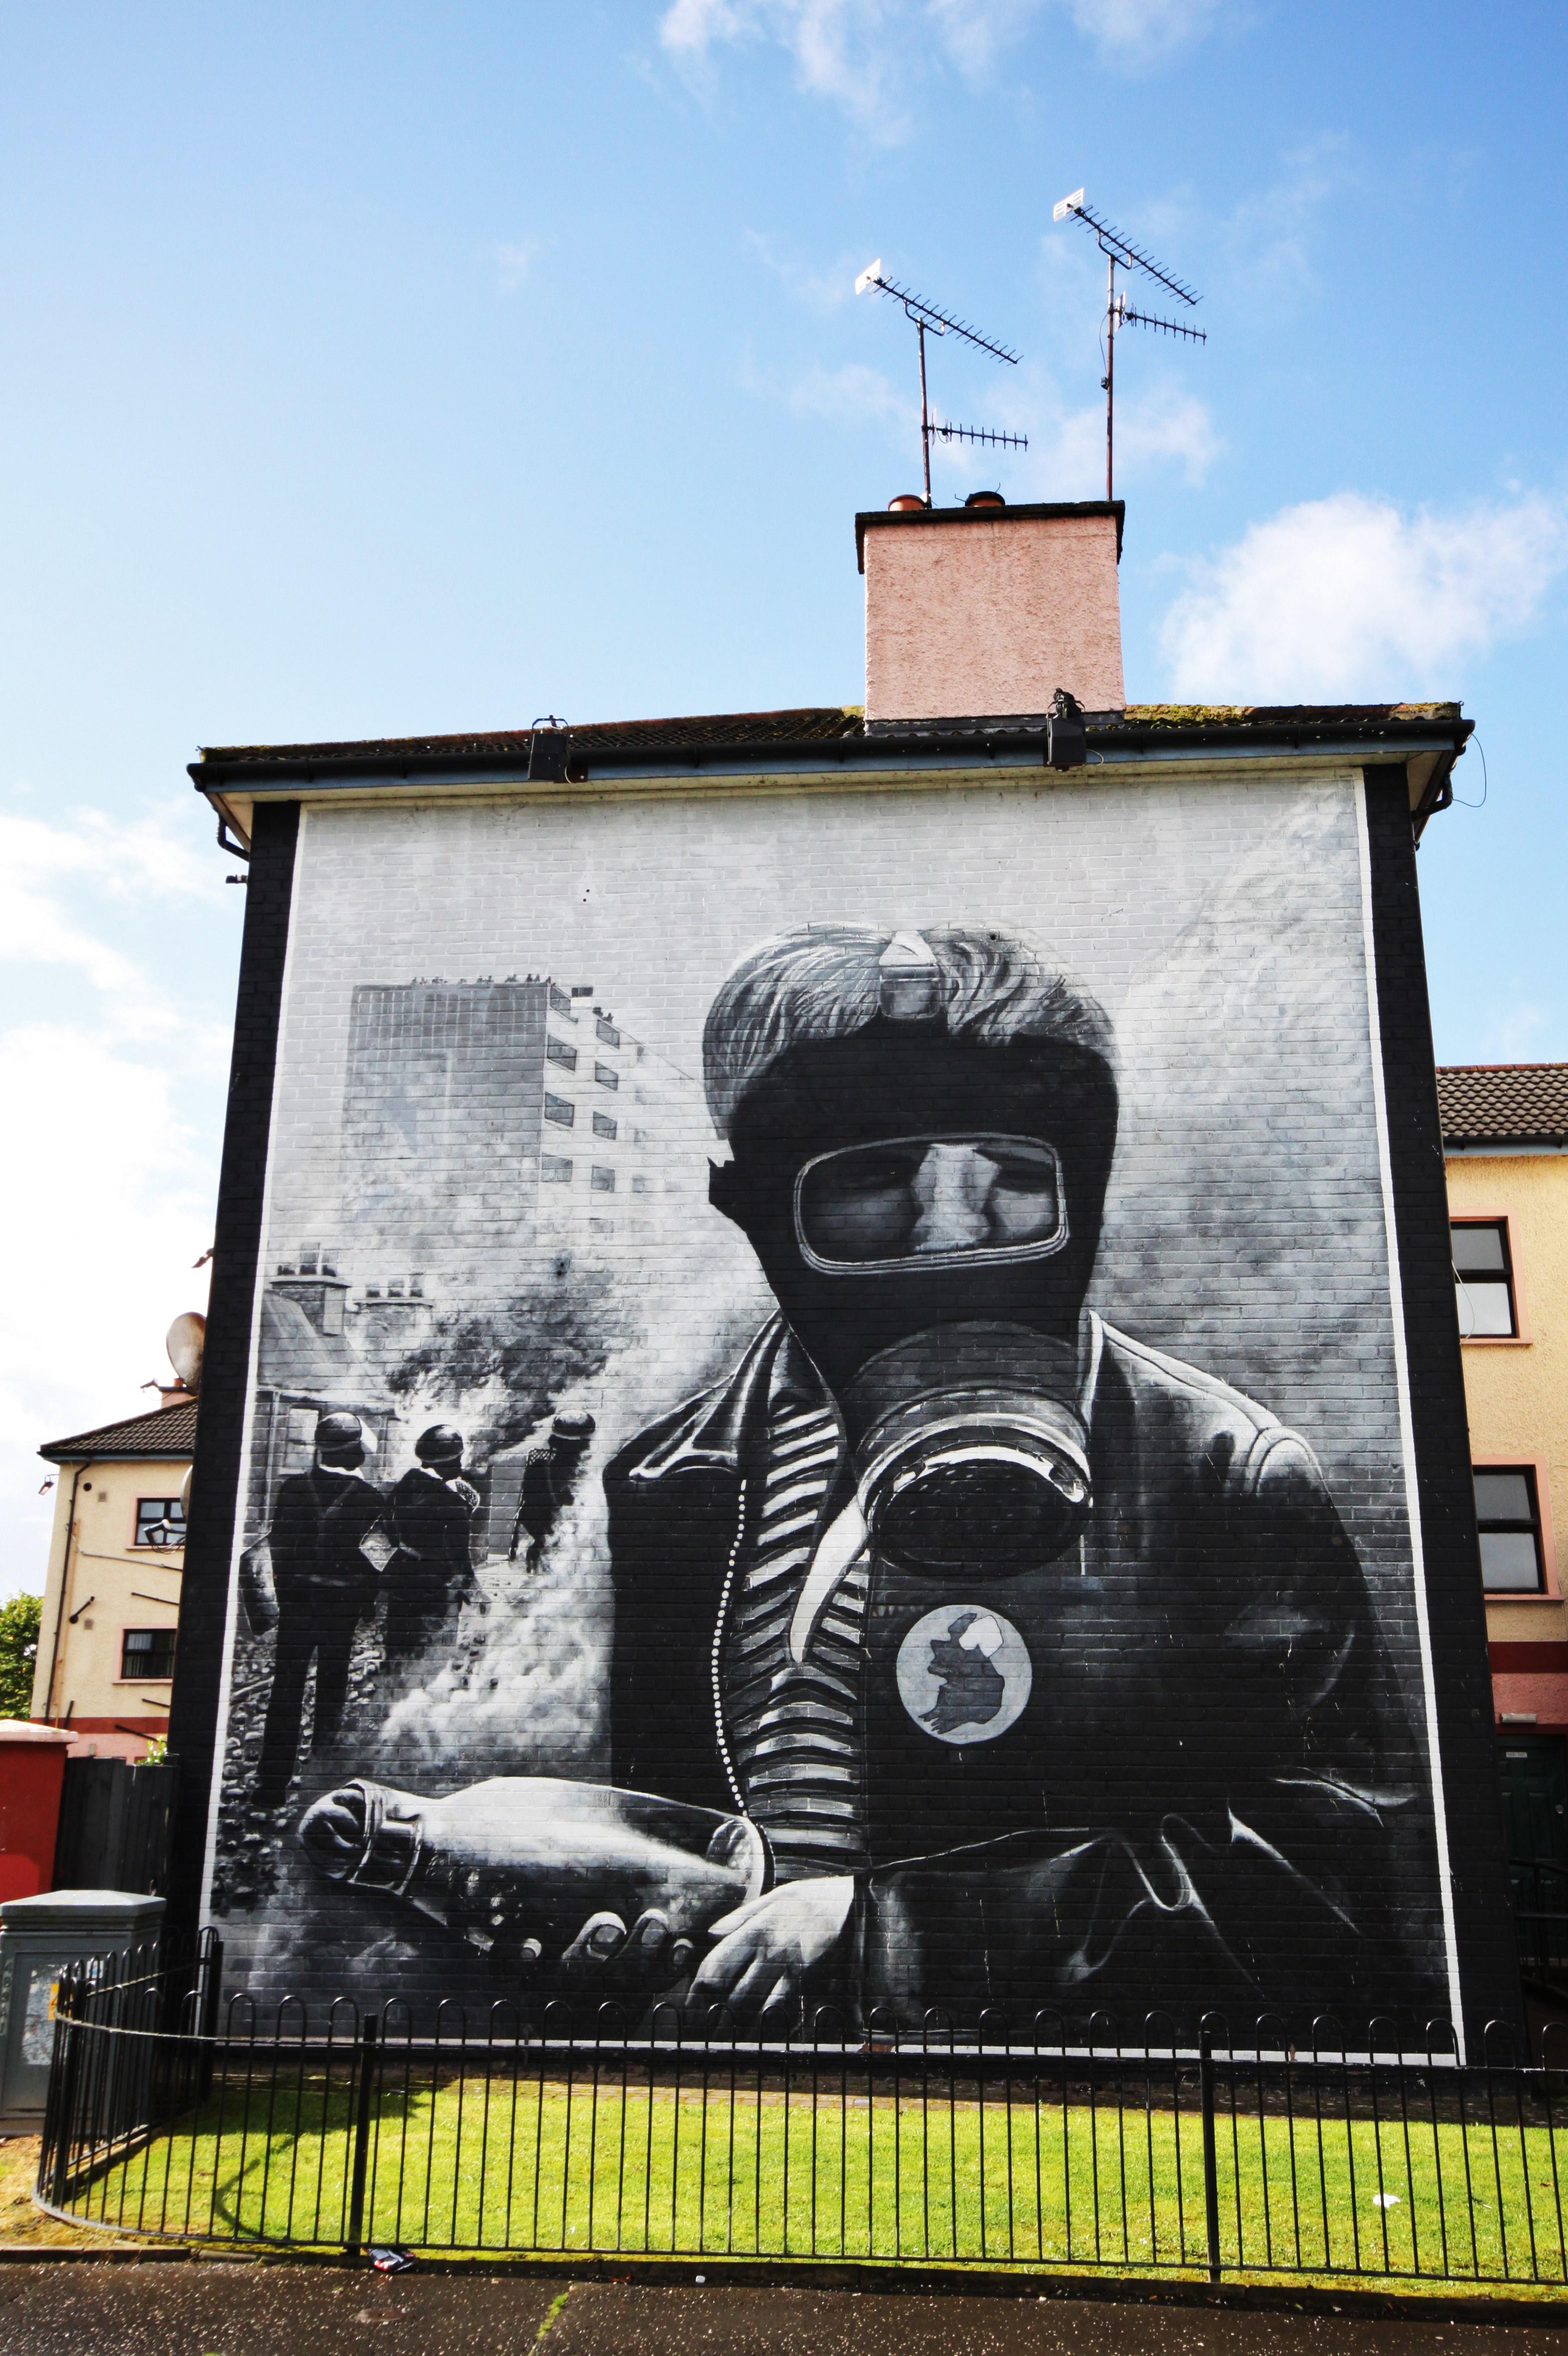 Los murales de la ciudad muestran históricos enfrentamientos entre católicos y unionistas - Irlanda Circuito Irlanda Fantástica y Sur